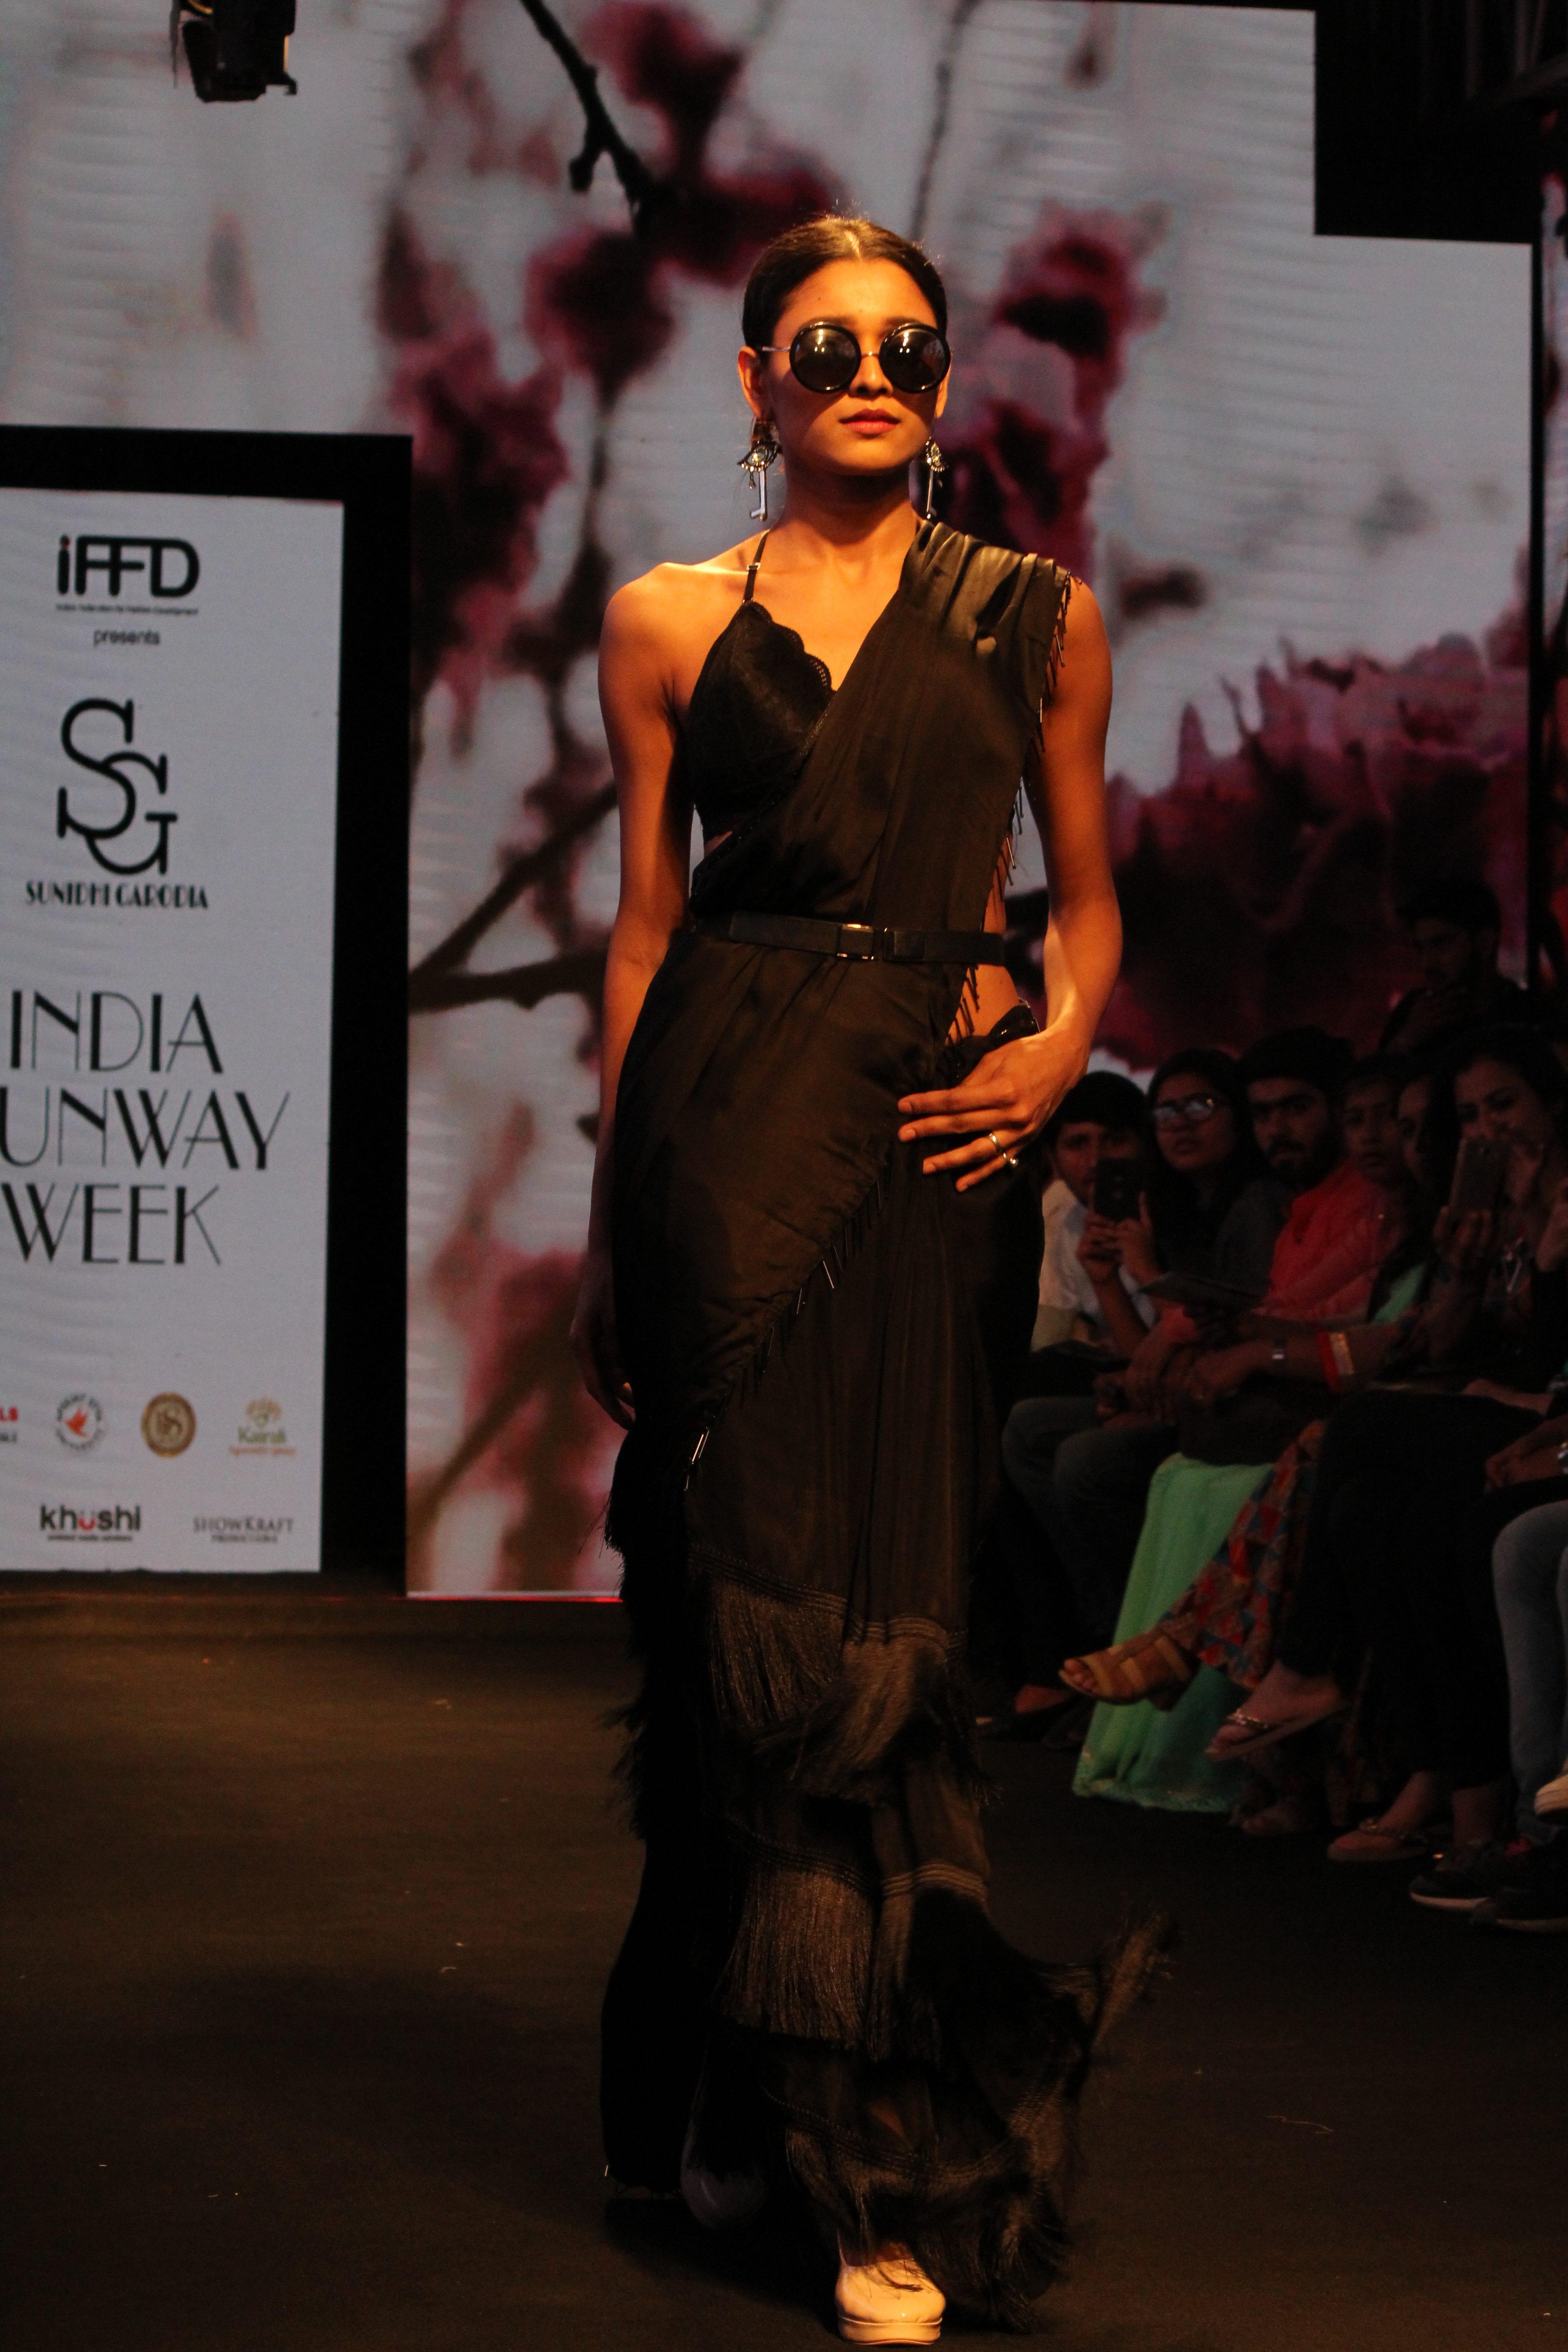 IFFD India Runway Week 2018